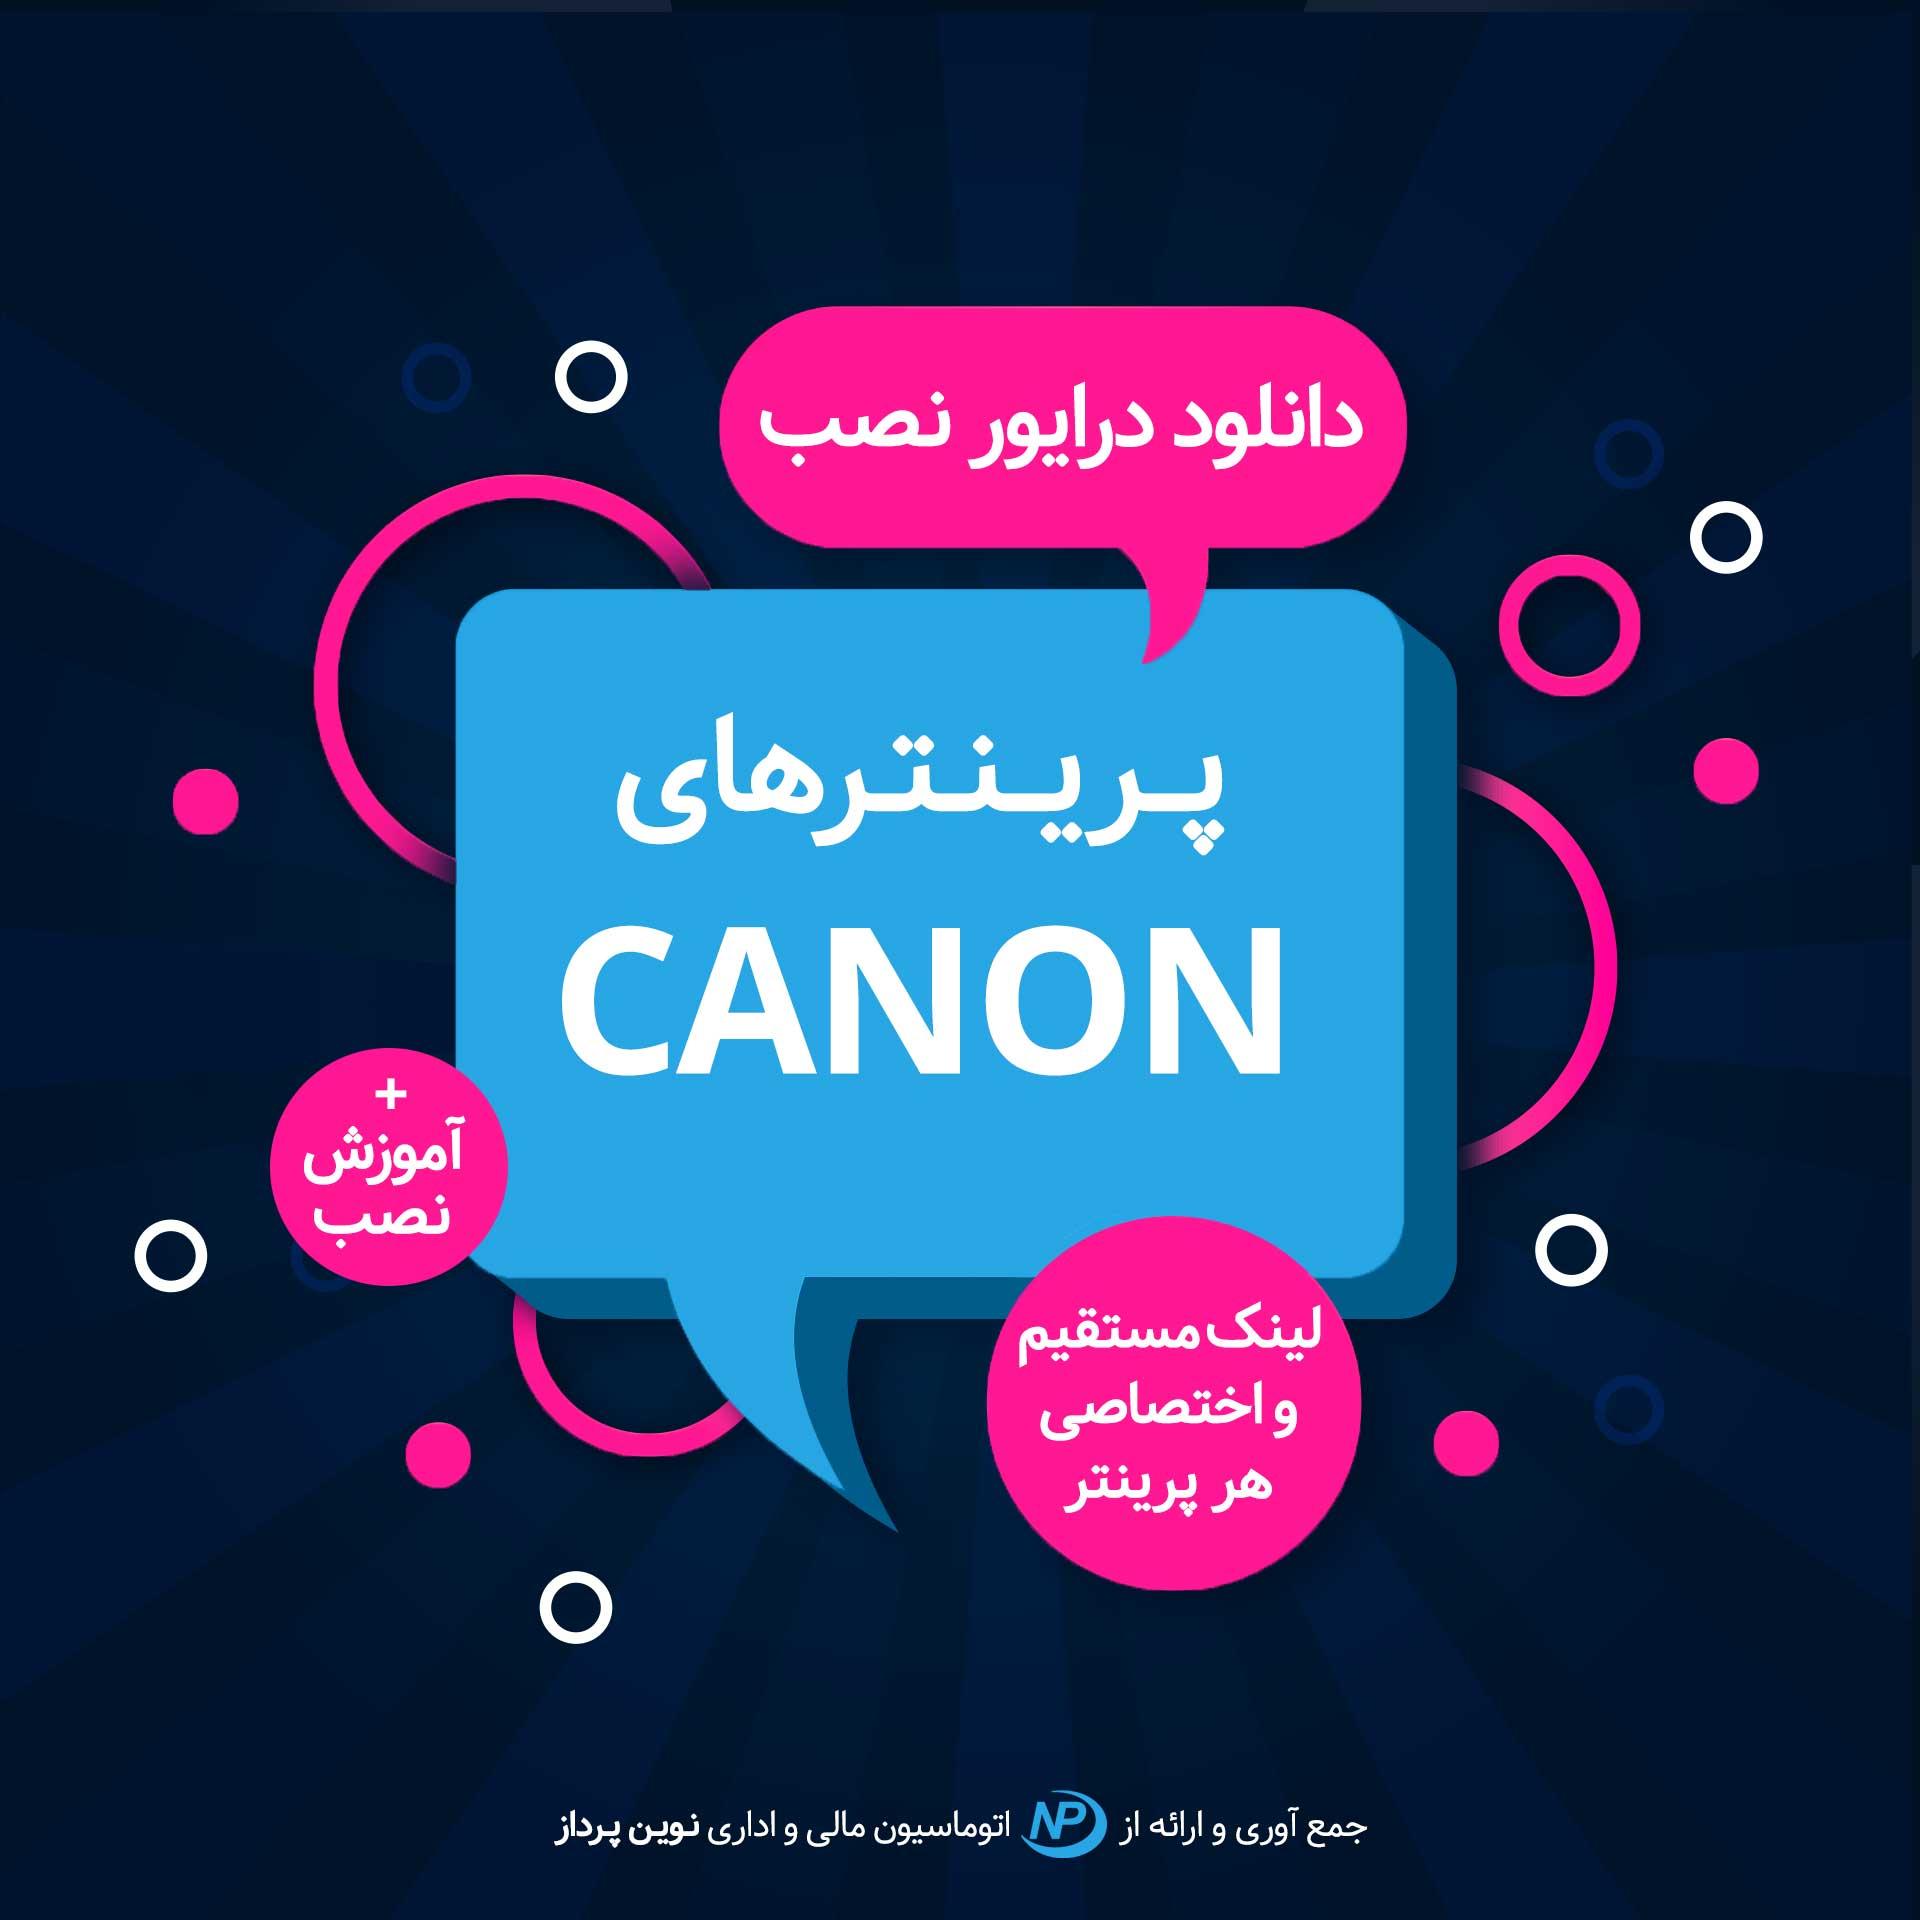 دانلود درایور نصب پرینترهای Canon + آموزش نصب